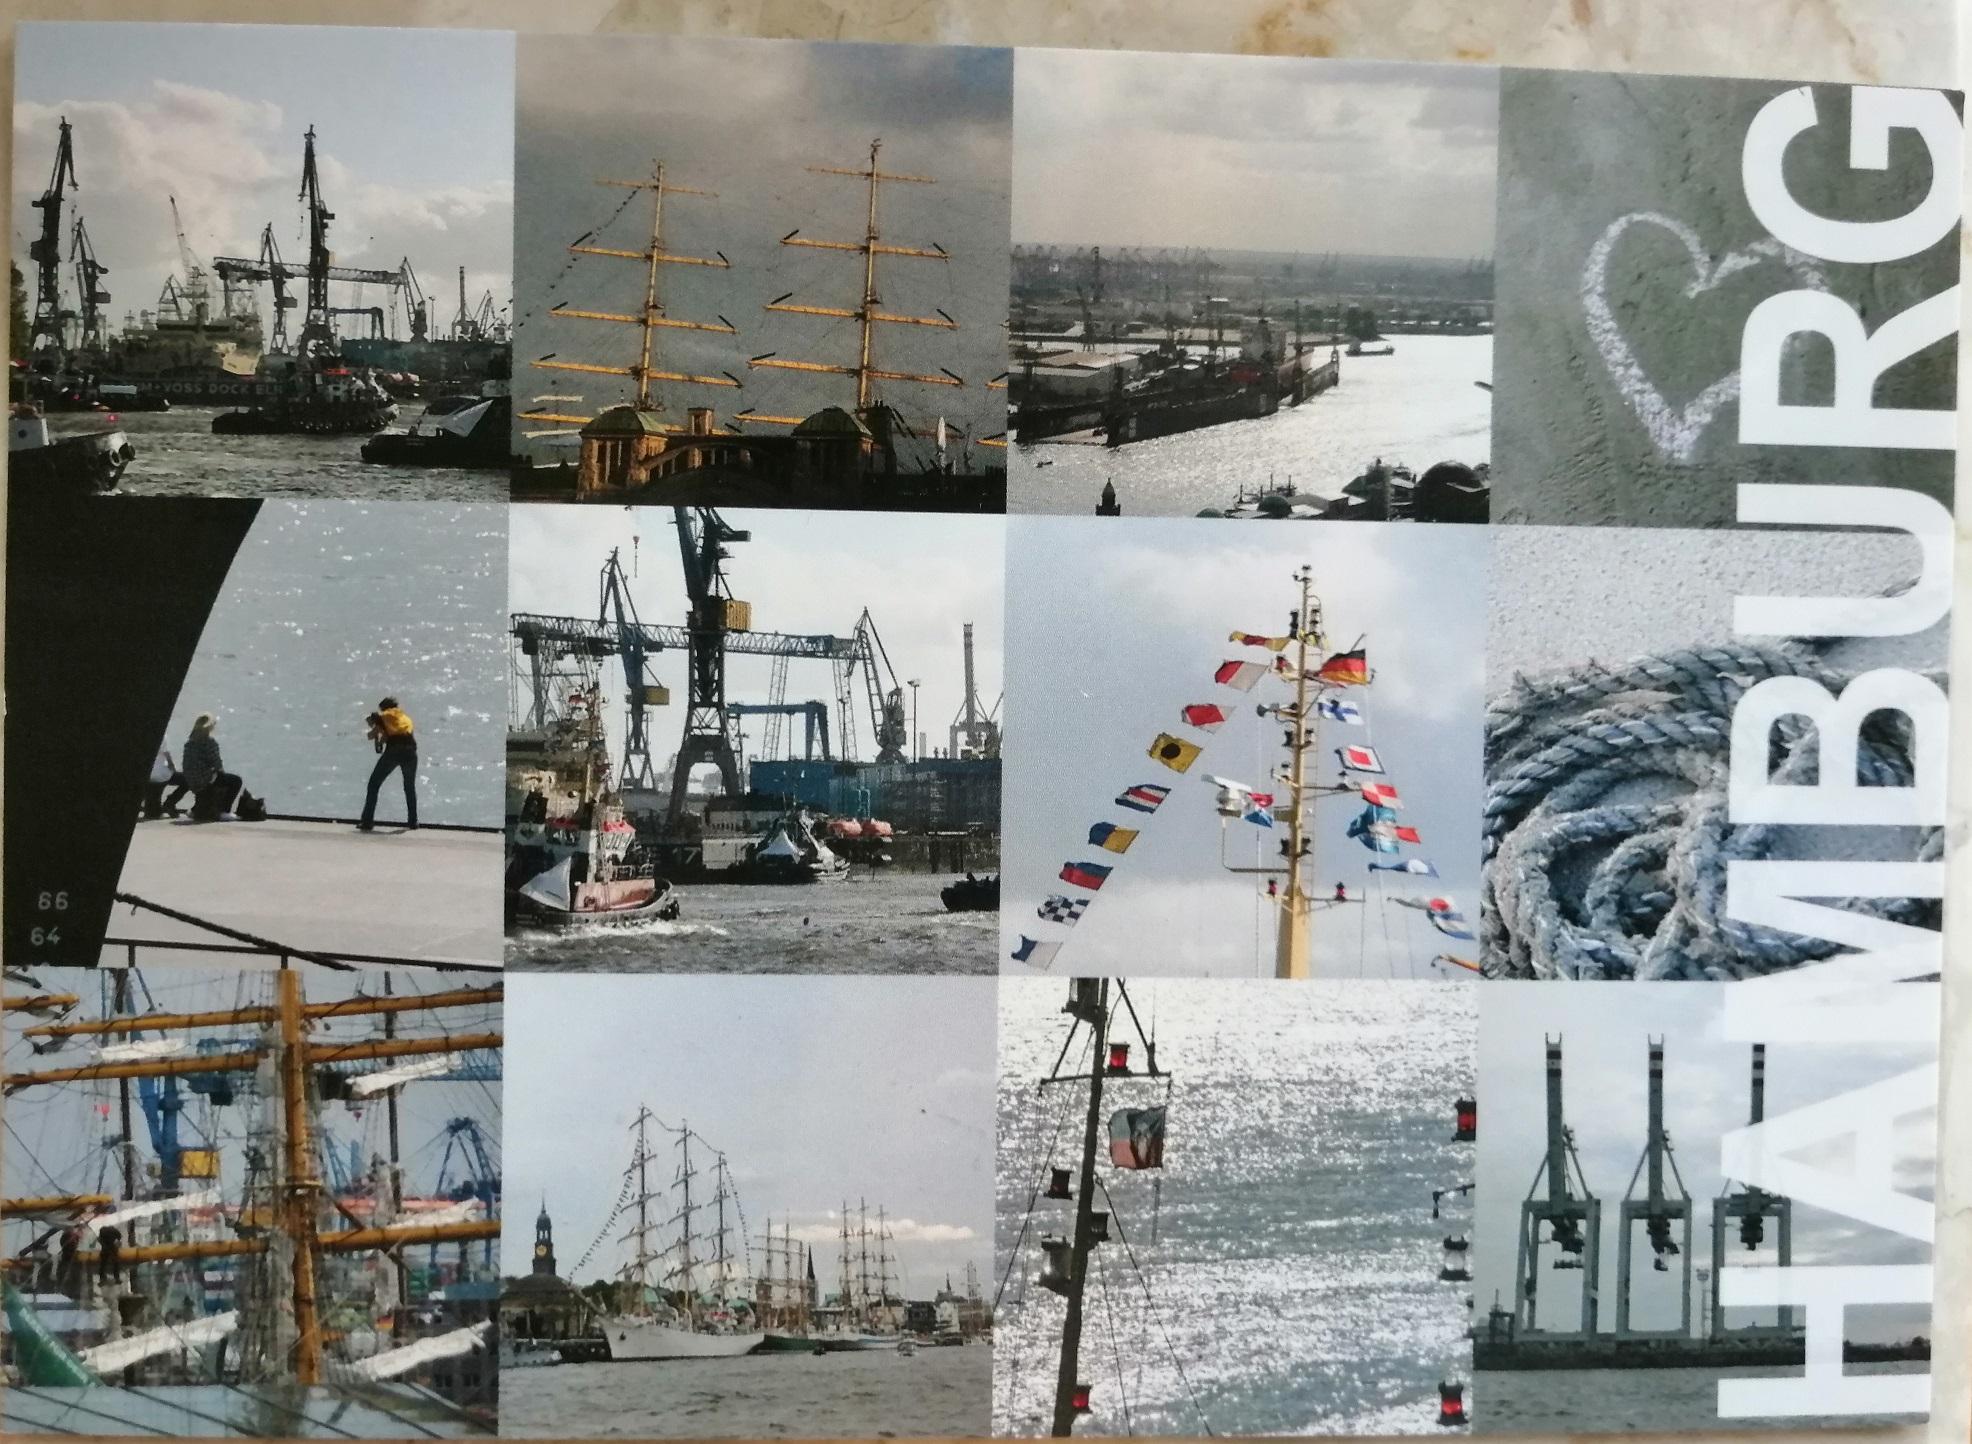 """Step in Warsaw - Stadtführerin in Warschau. Ein süßes Dankeschön von meiner Gruppe aus Deutschland, aus Hamburg nach dem Tour: """"Auf den Spuren der Zeit des Kommunismus in Warschau"""". Vielen Dank und bis zum nächsten Mal! Eine Postkarte aus Hamburg als..."""